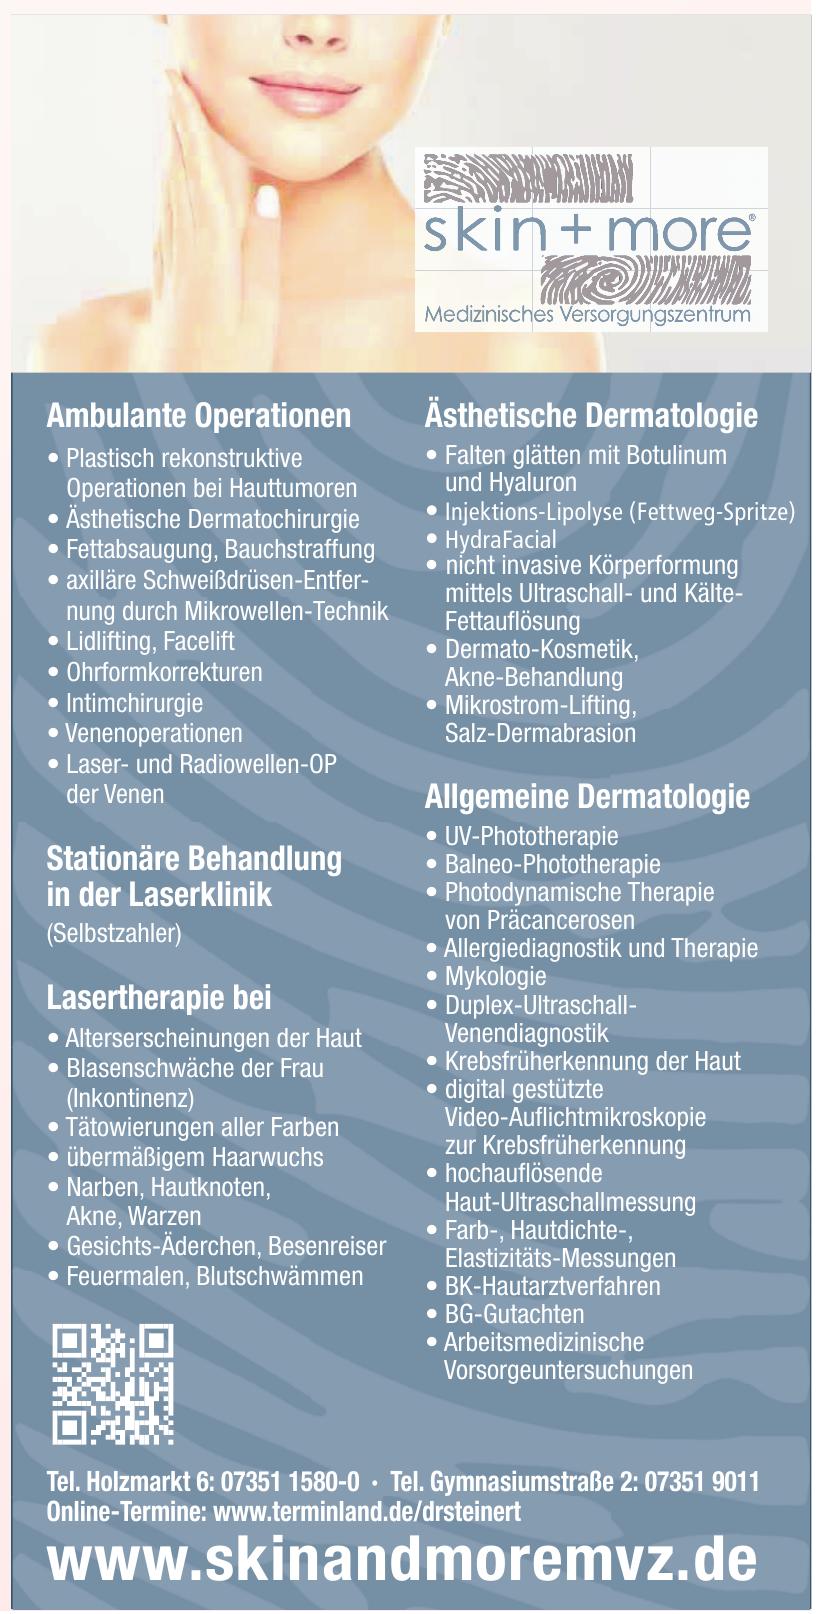 skin+more Medizinisches Versorgungszentrum